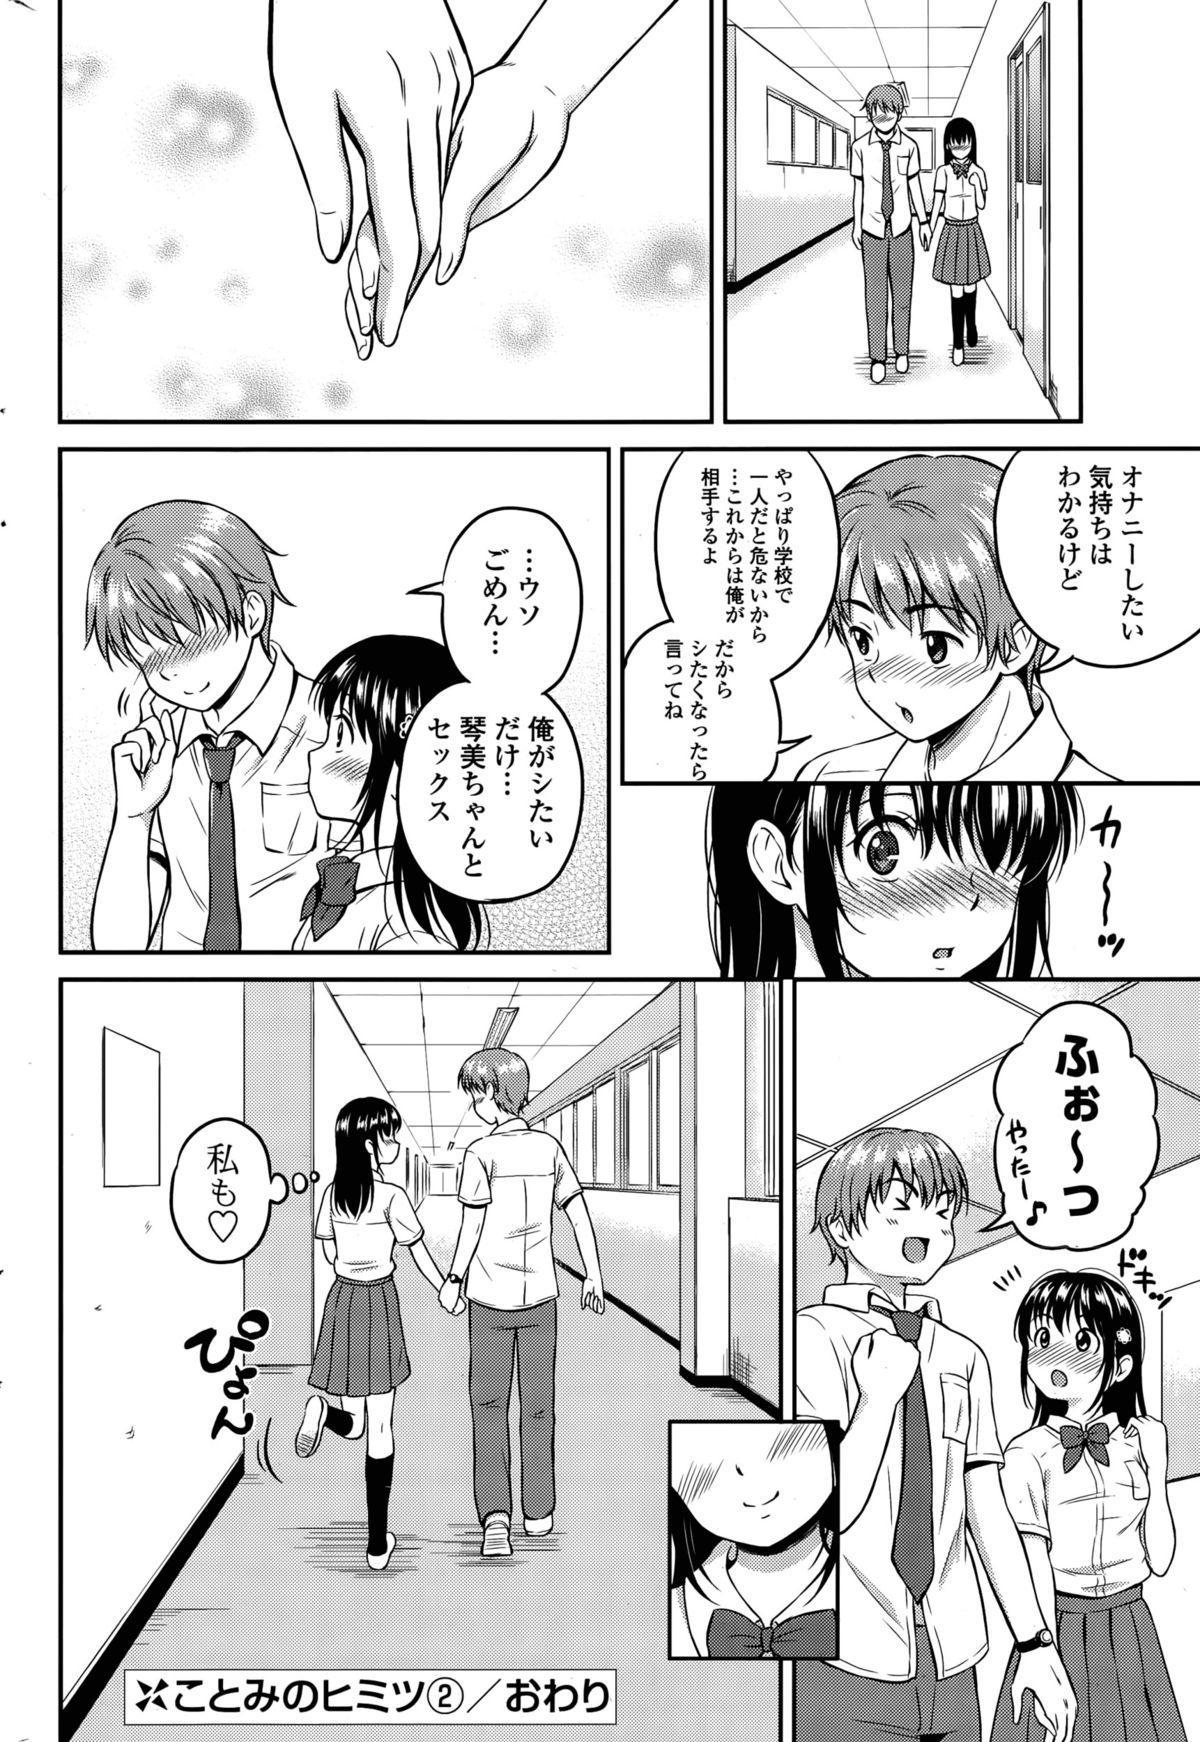 Kotomi no Himitsu Ch. 1-3 39